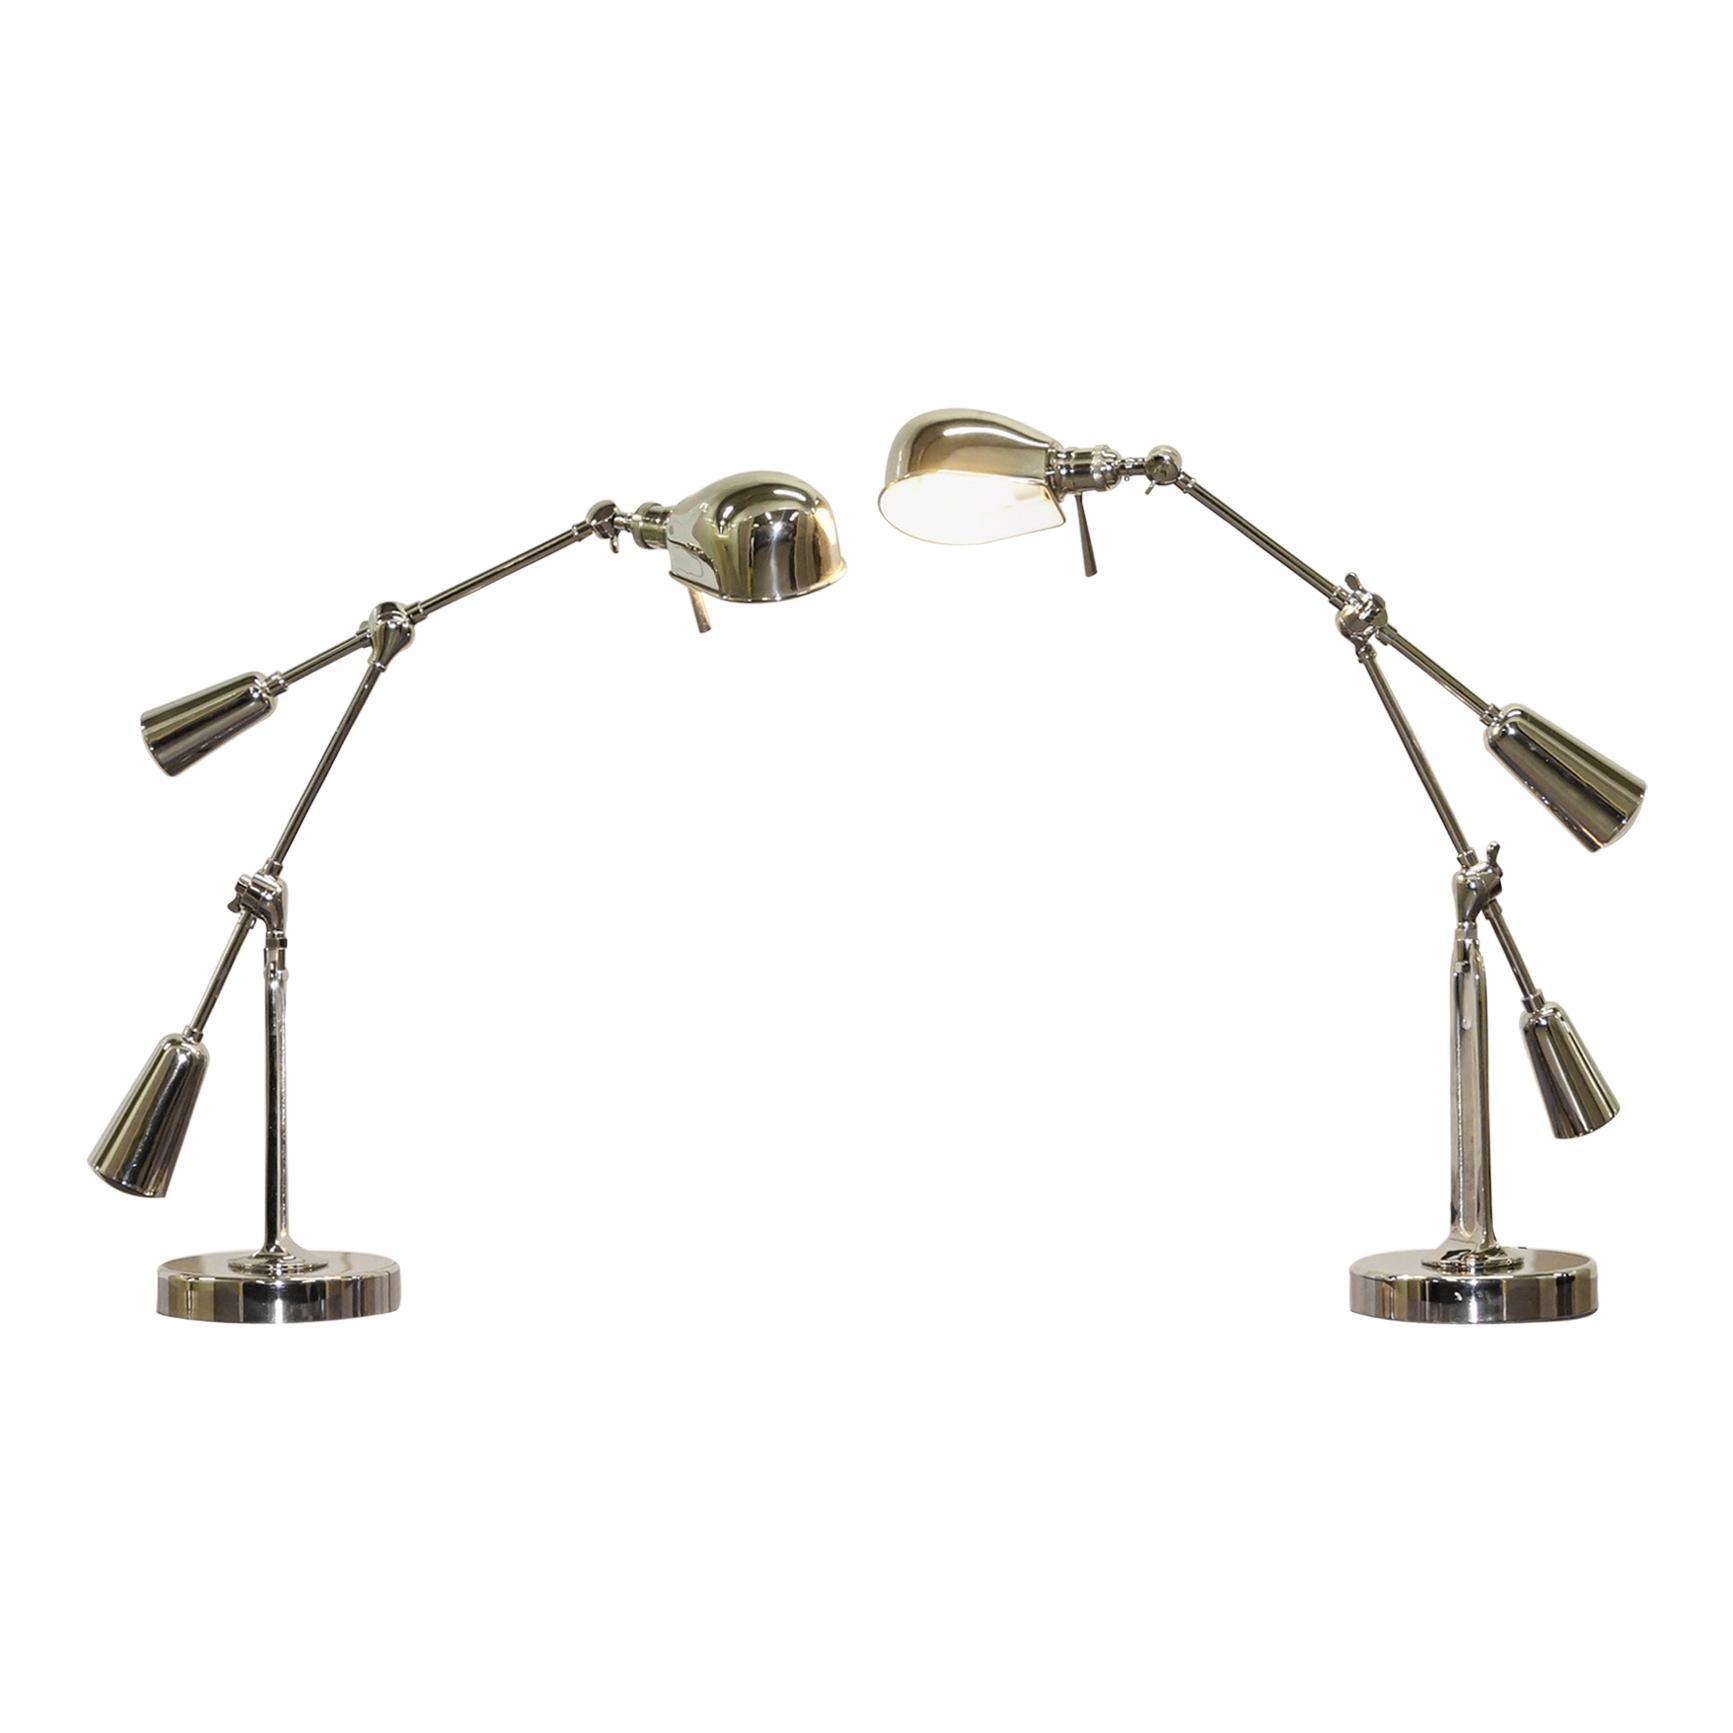 ralph lauren lighting 12 for sale at